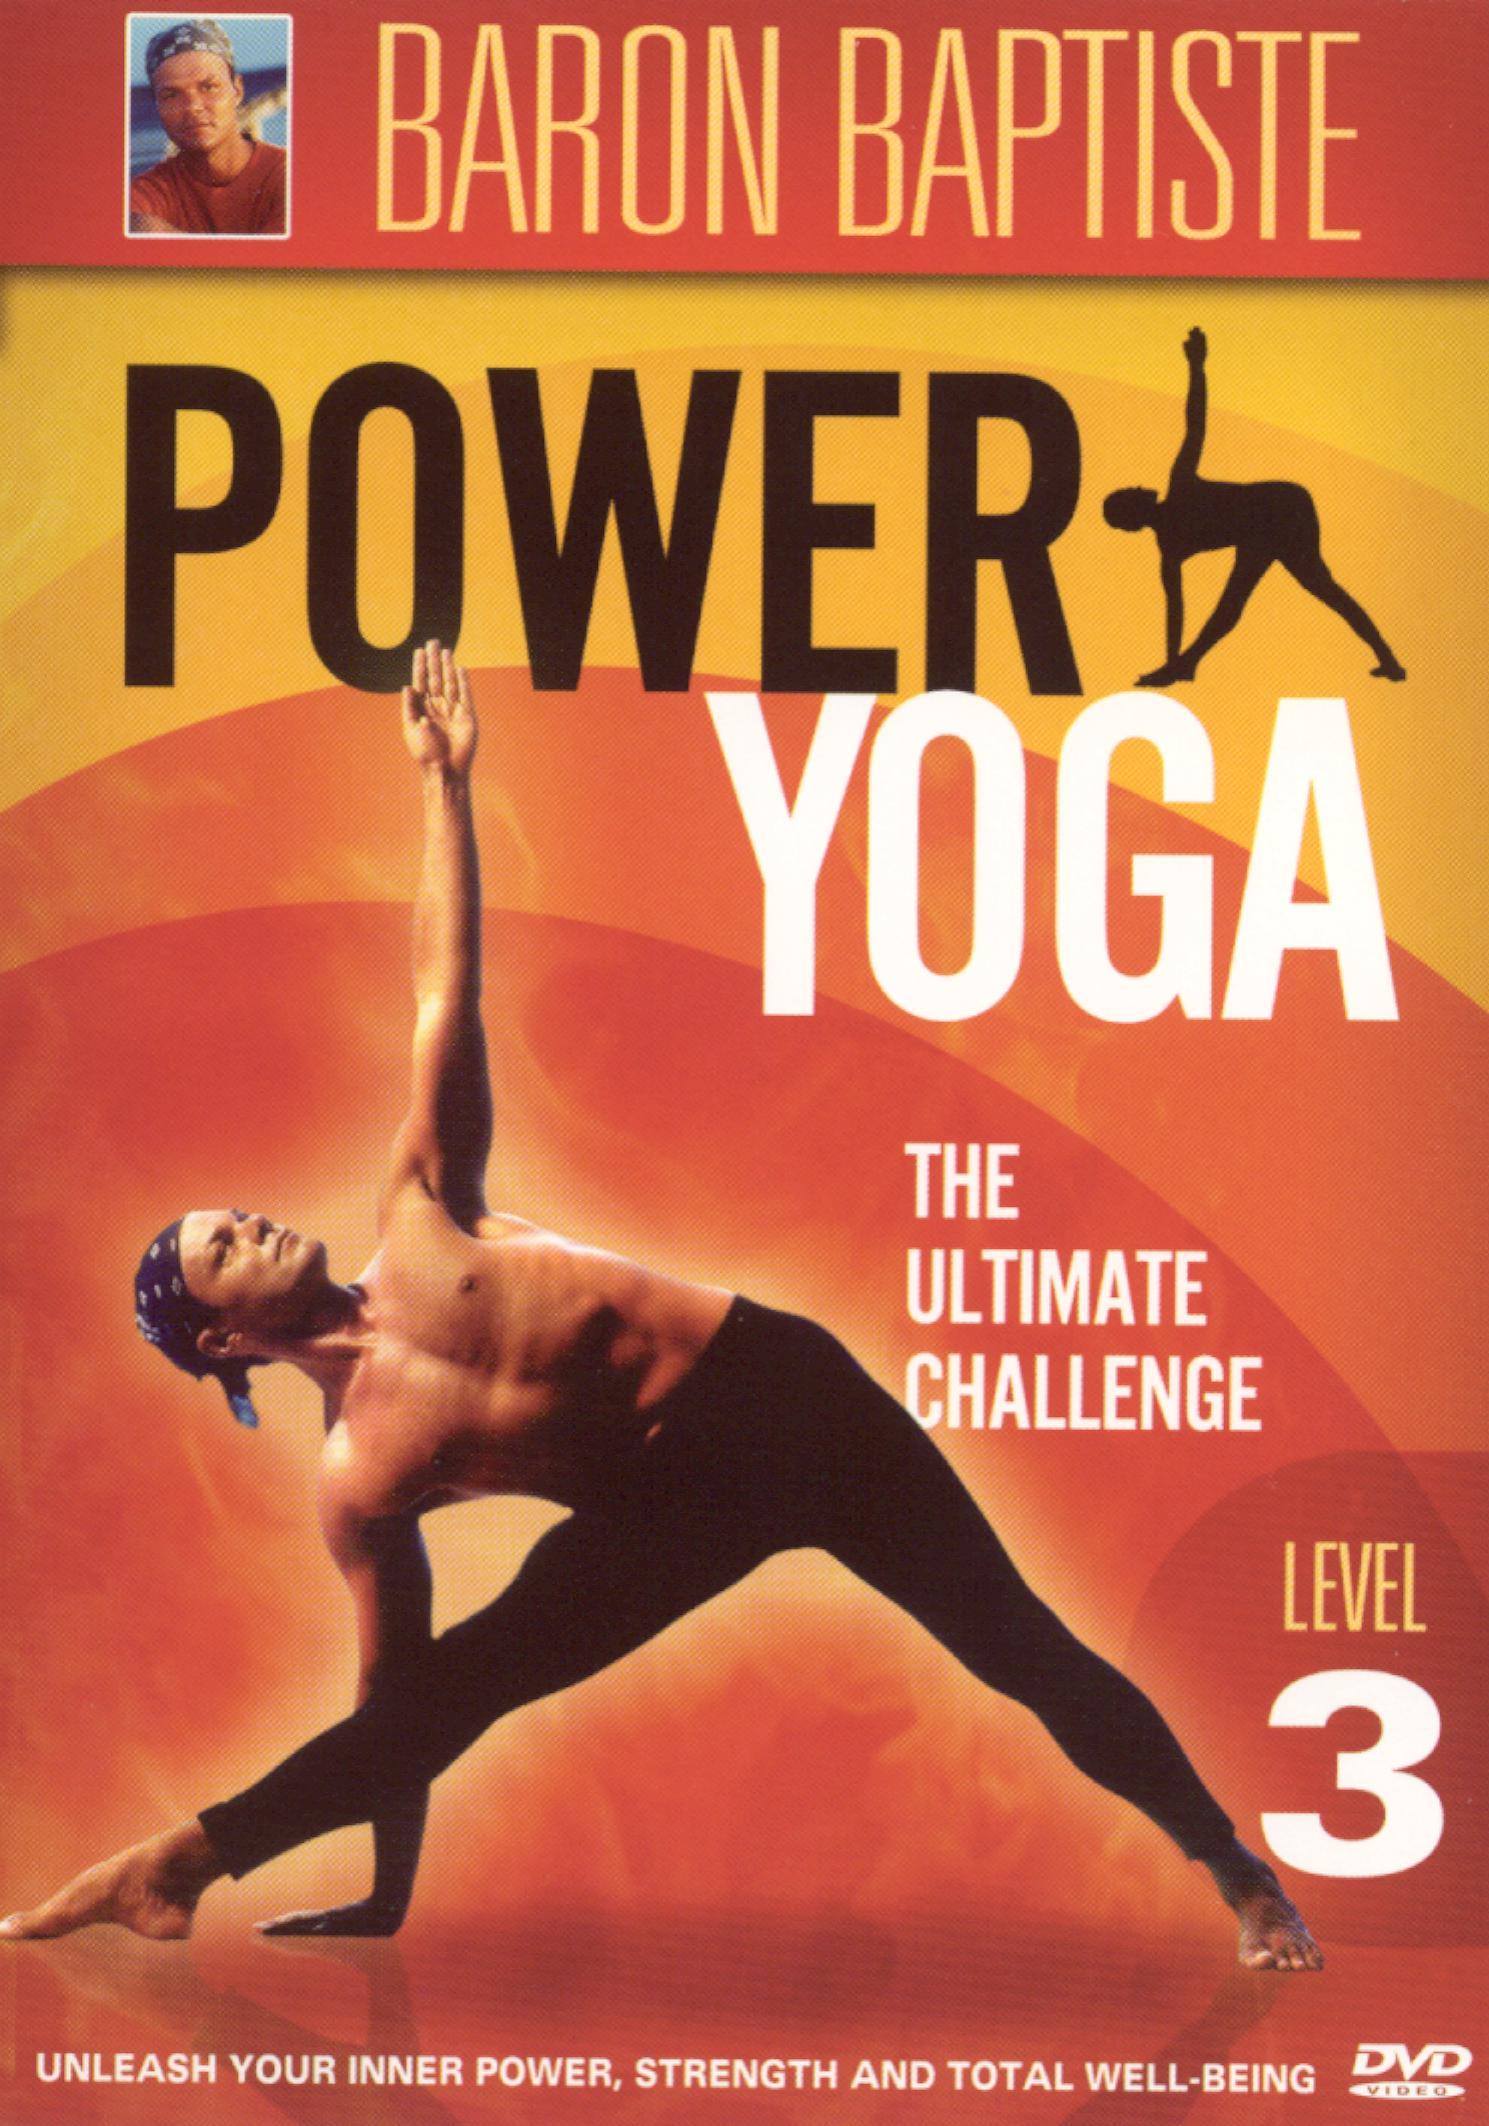 Baron Baptiste: Power Yoga, Level 3 - The Ultimate Challenge